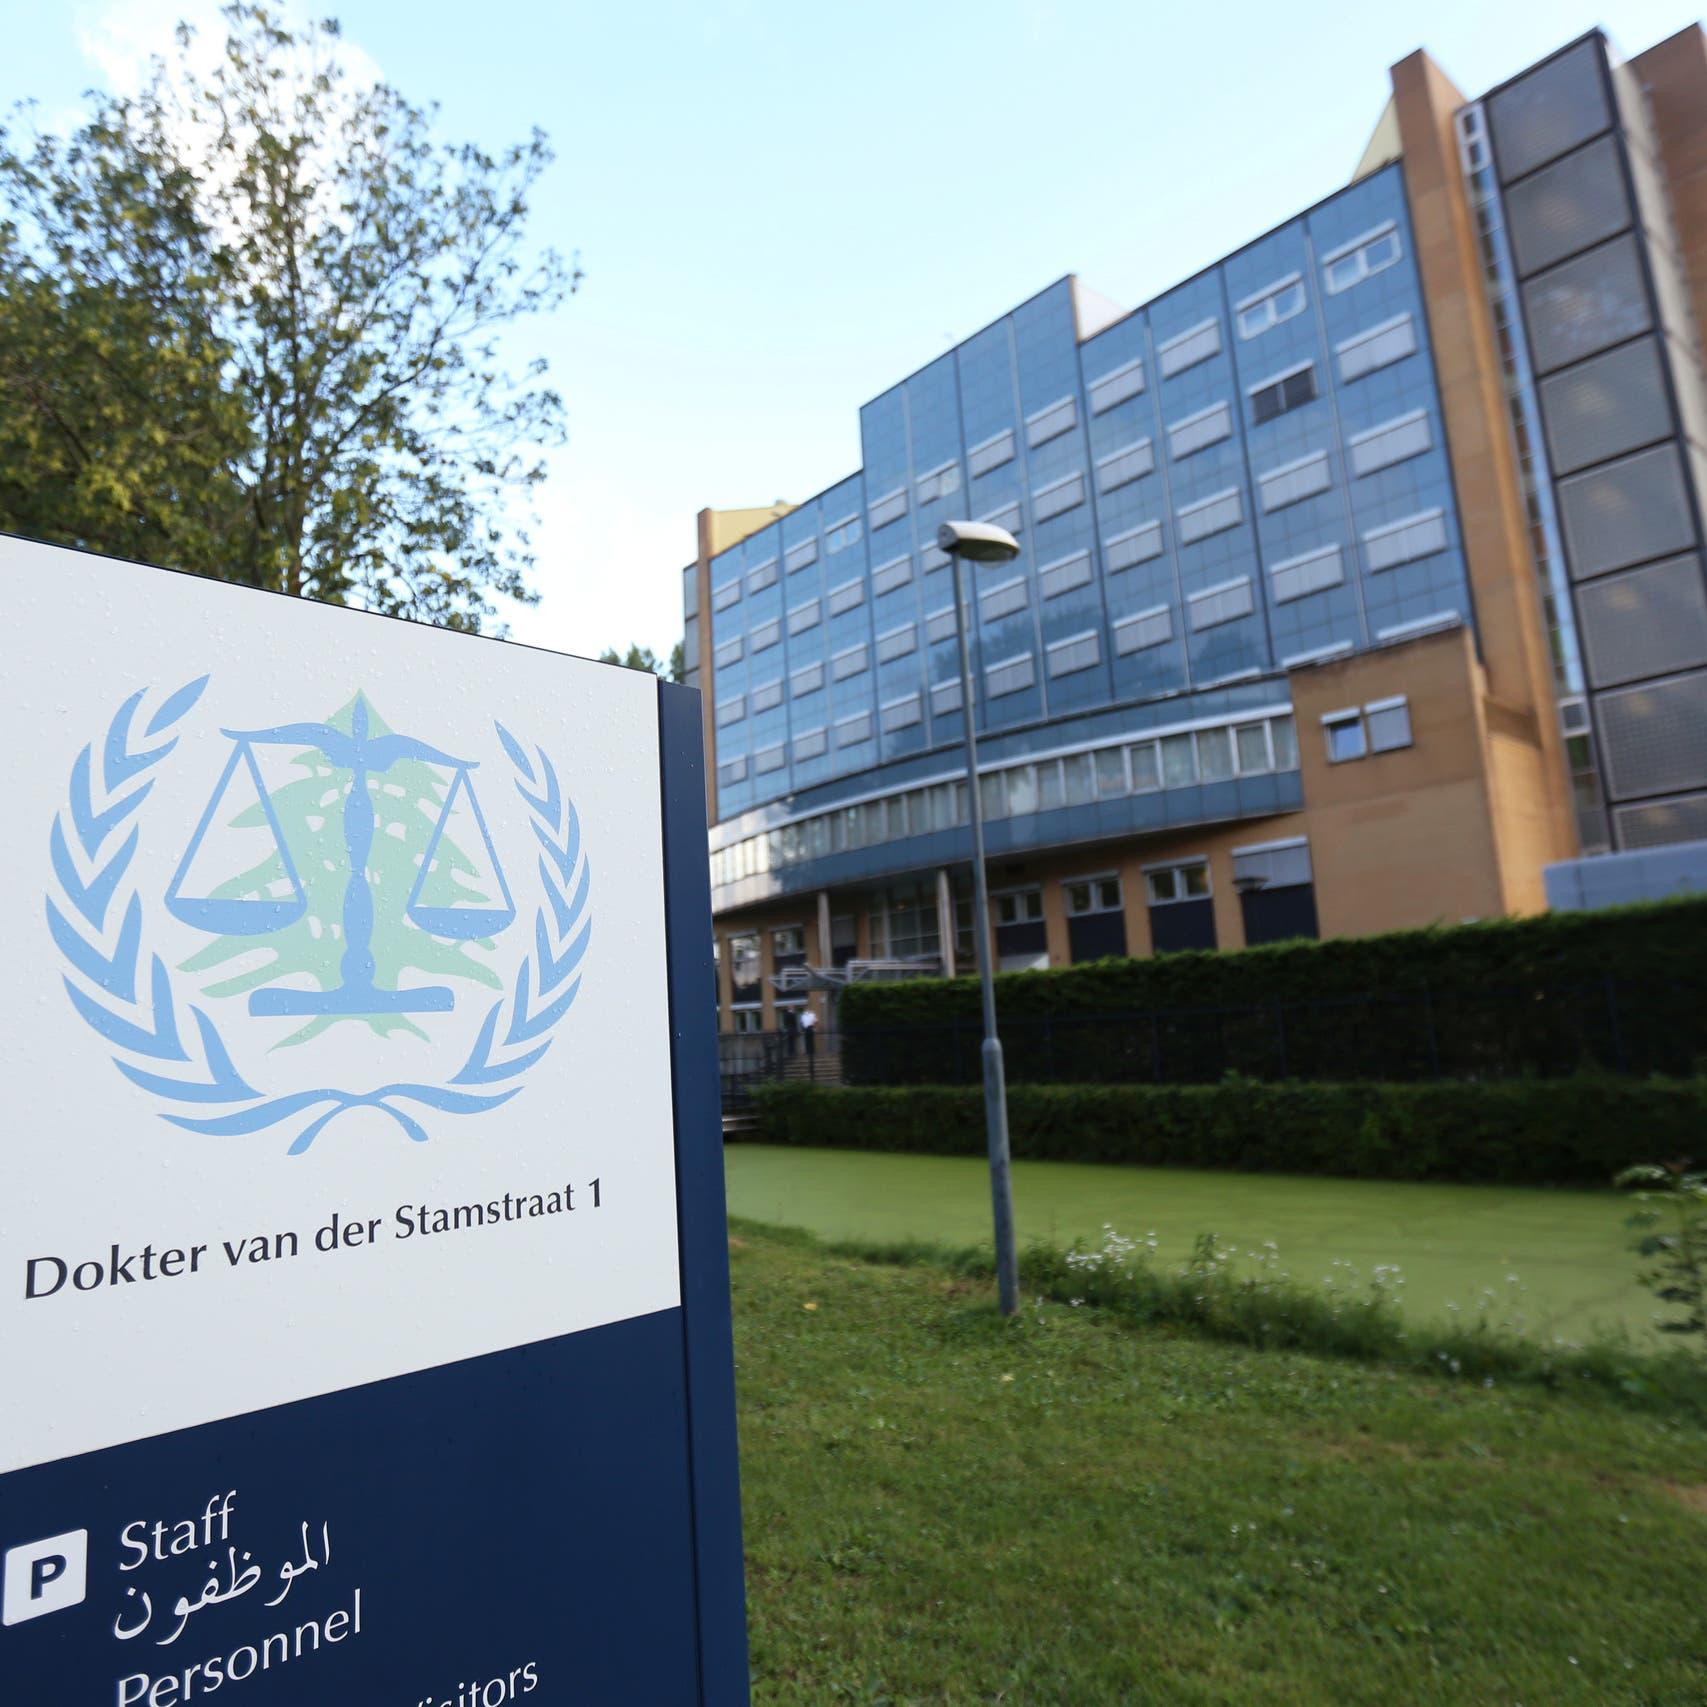 المحكمة الخاصة بلبنان تلغي محاكمة جديدة بسبب نقص التمويل